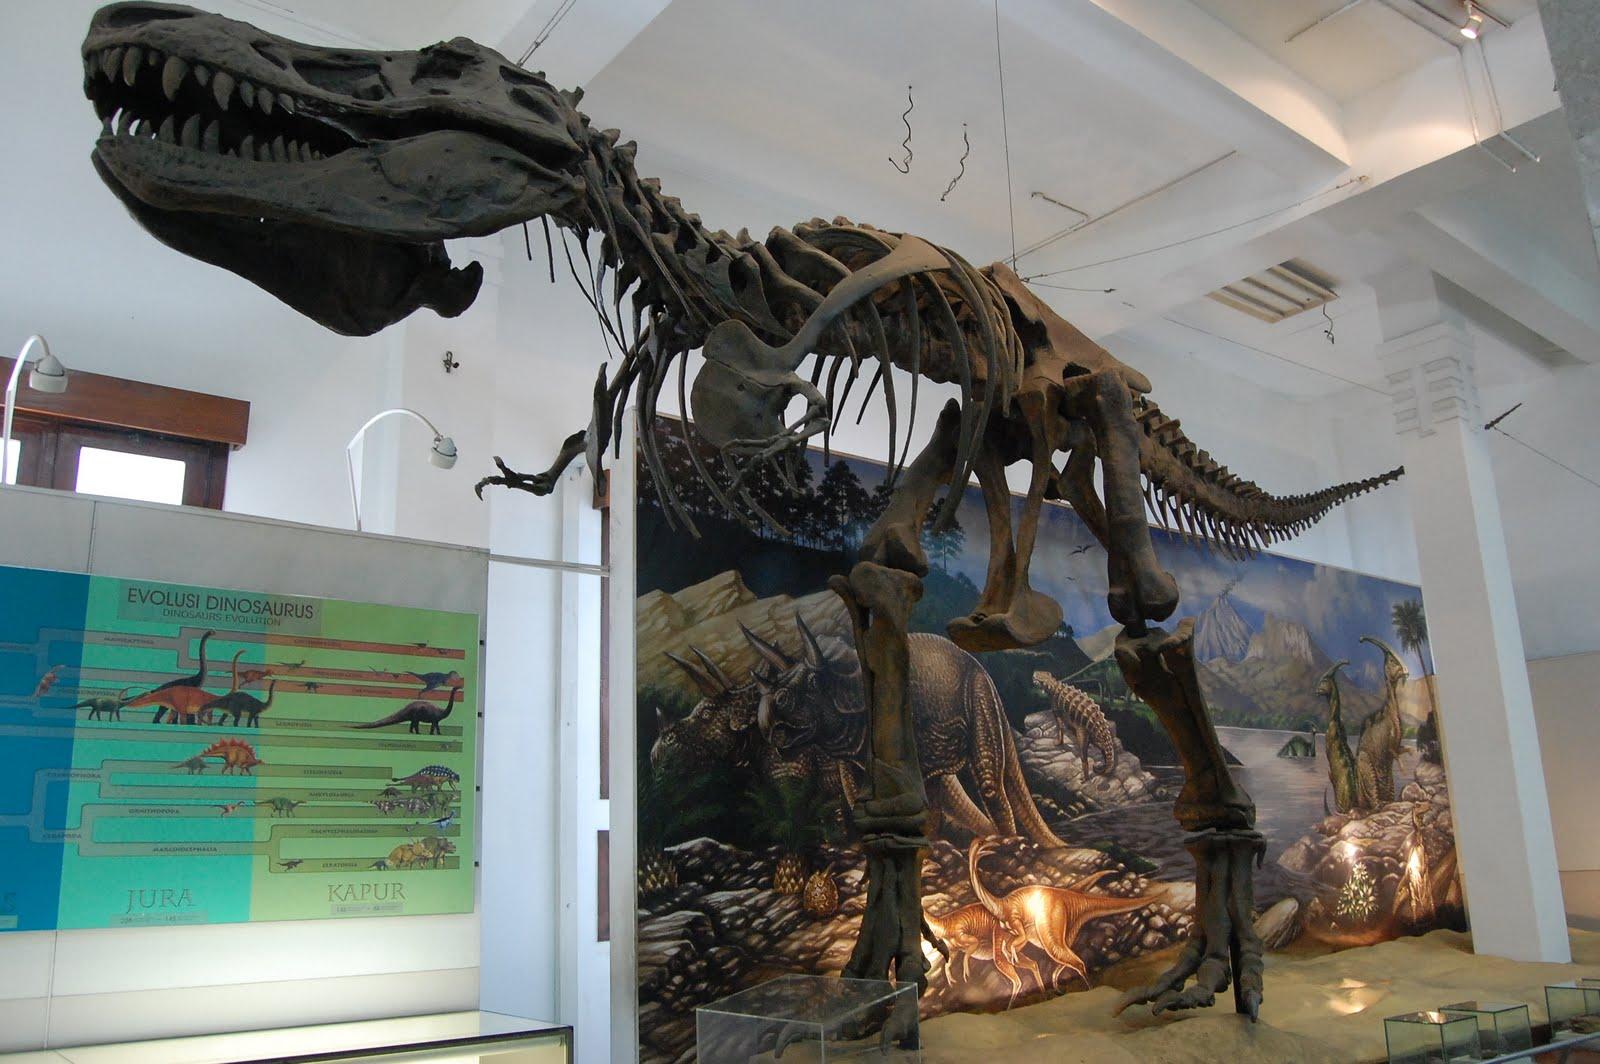 Memperingati Hari Museum Indonesia, Inilah 5 Museum Unik Yang Wajib di Kunjungi 3